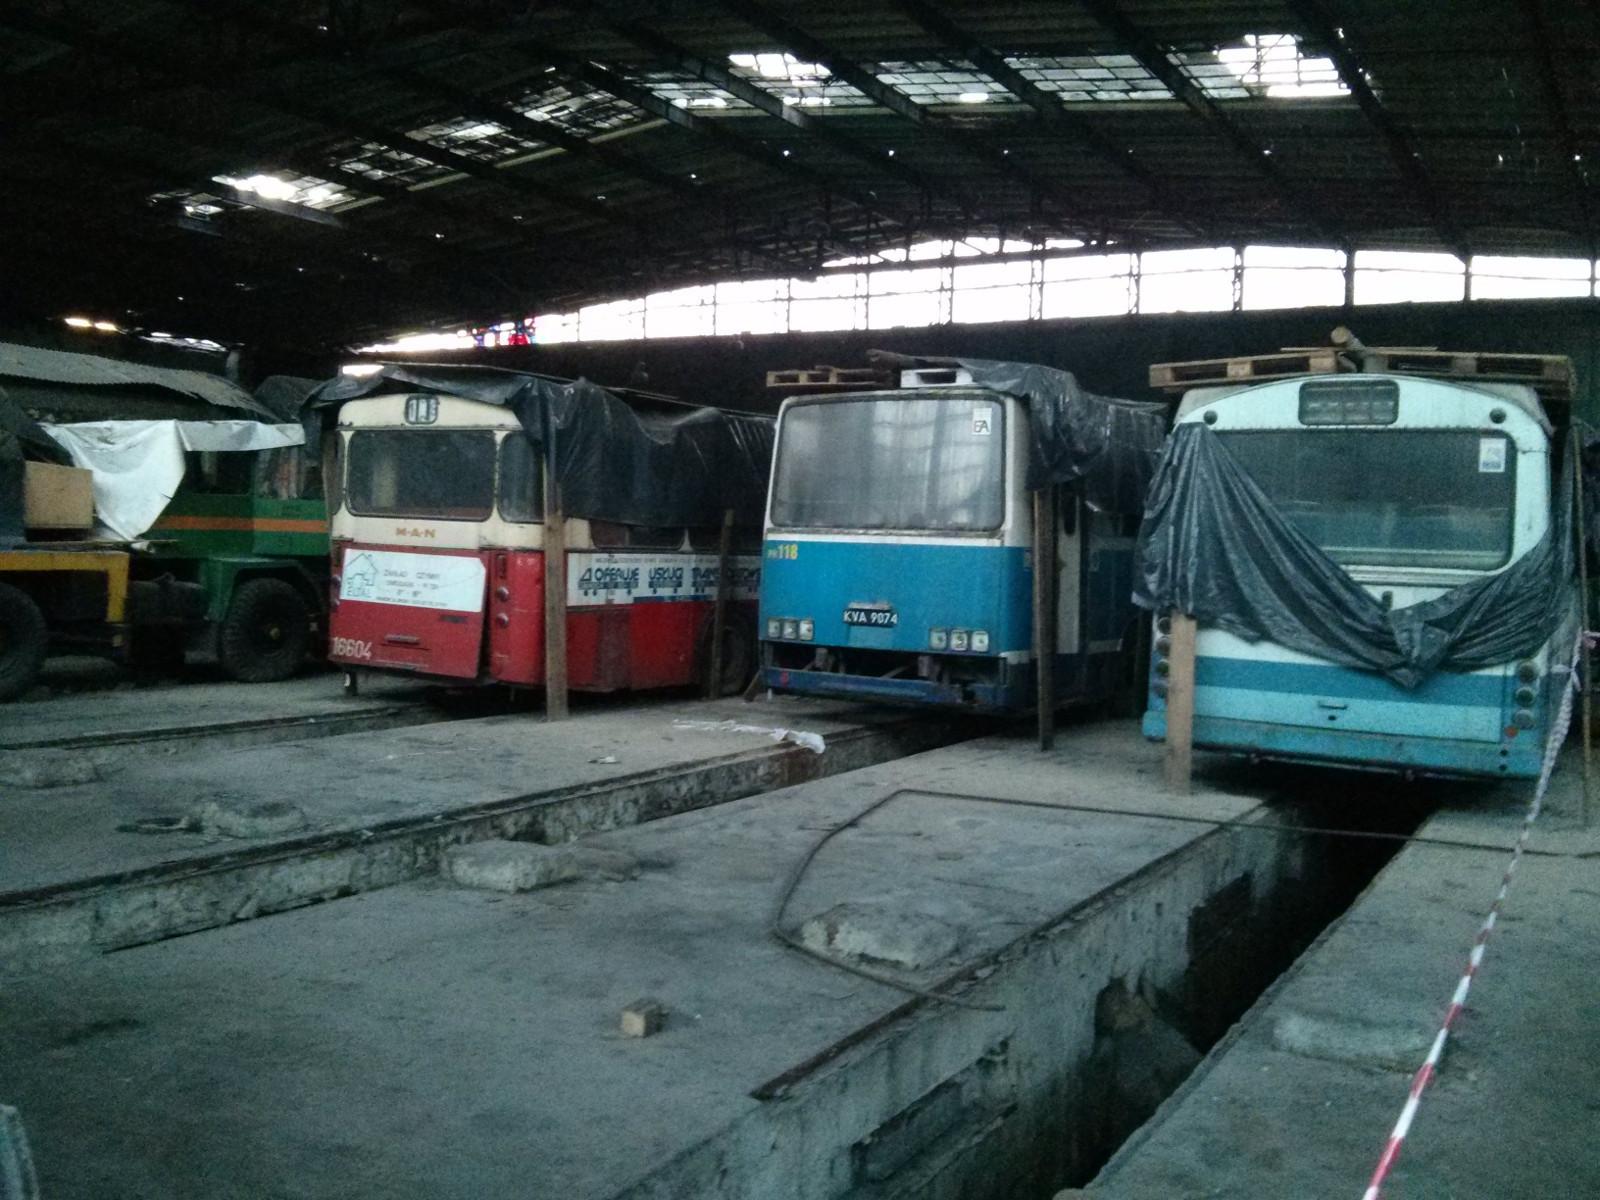 Stare autobusy stojące w Muzeum Inżynierii Miejskiej w Krakowie Czyżynach